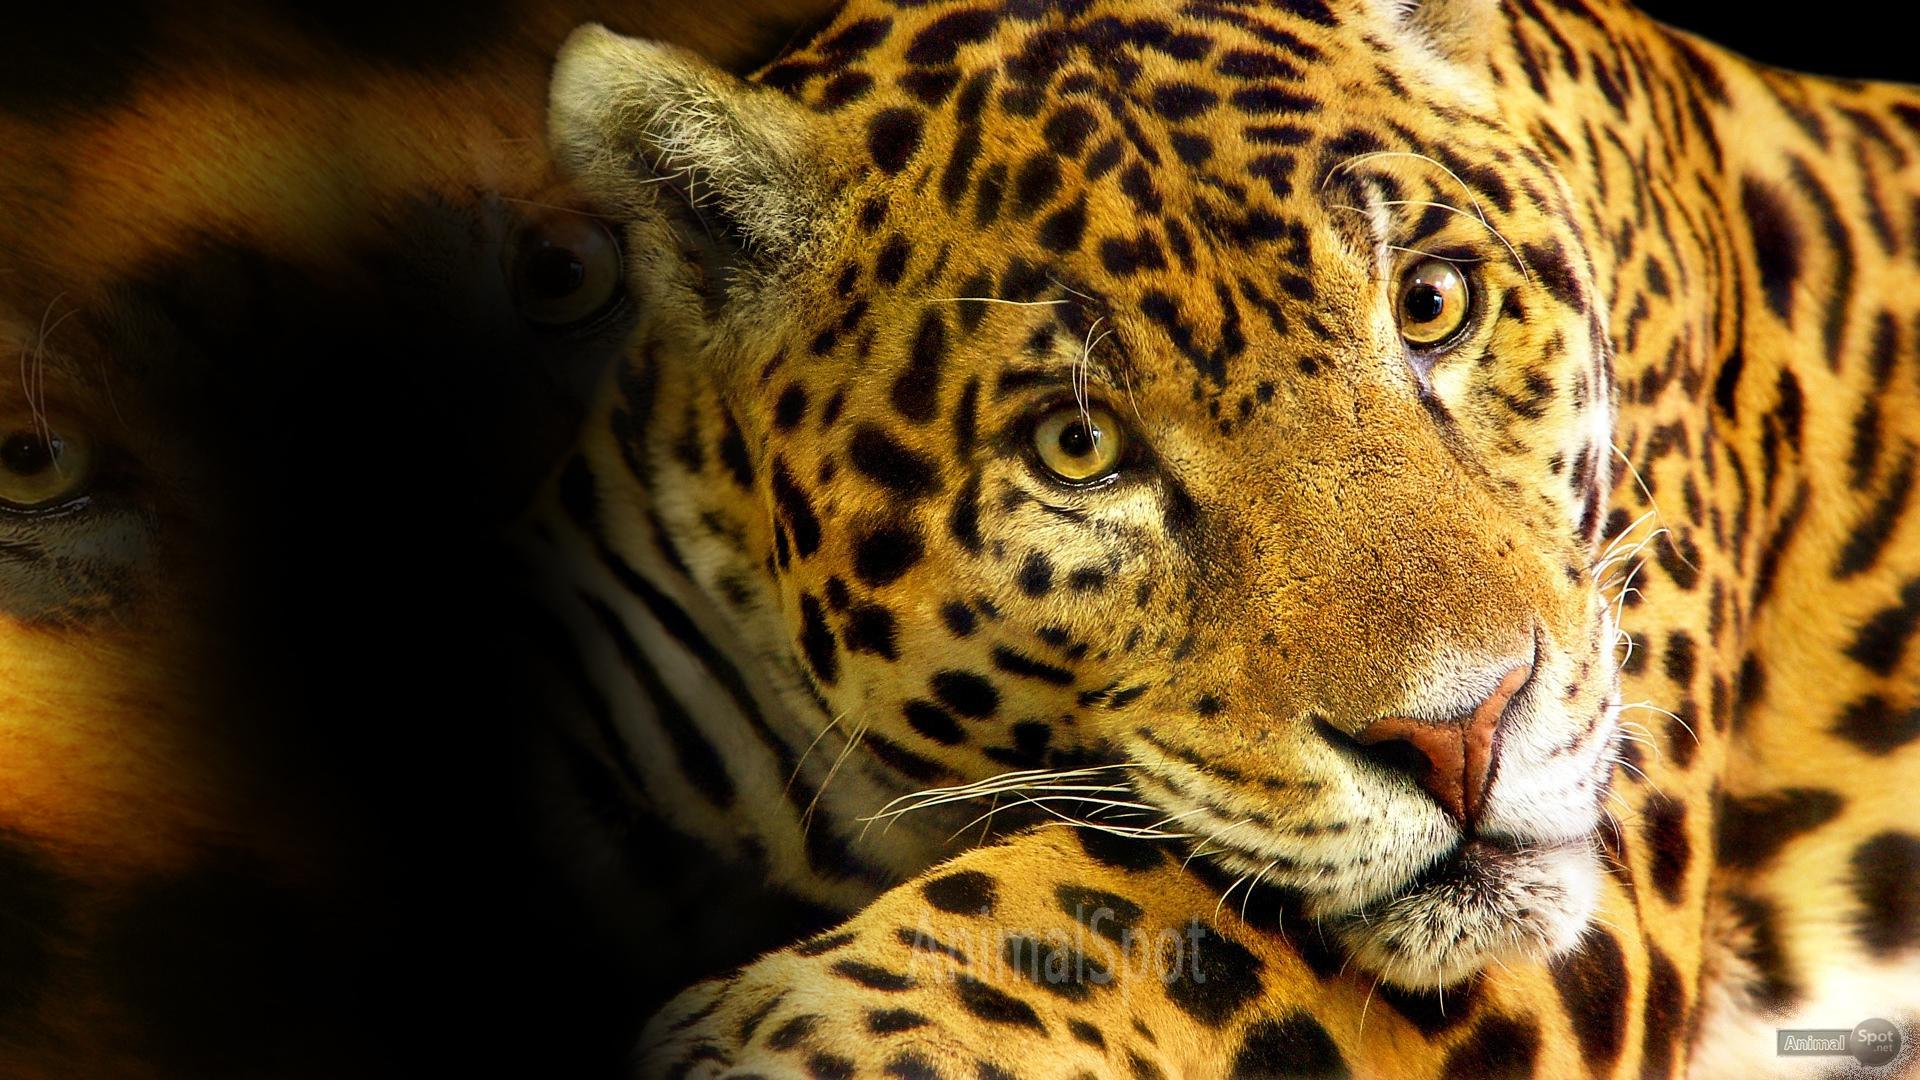 Cheetah Desktop Wallpaper - WallpaperSafari